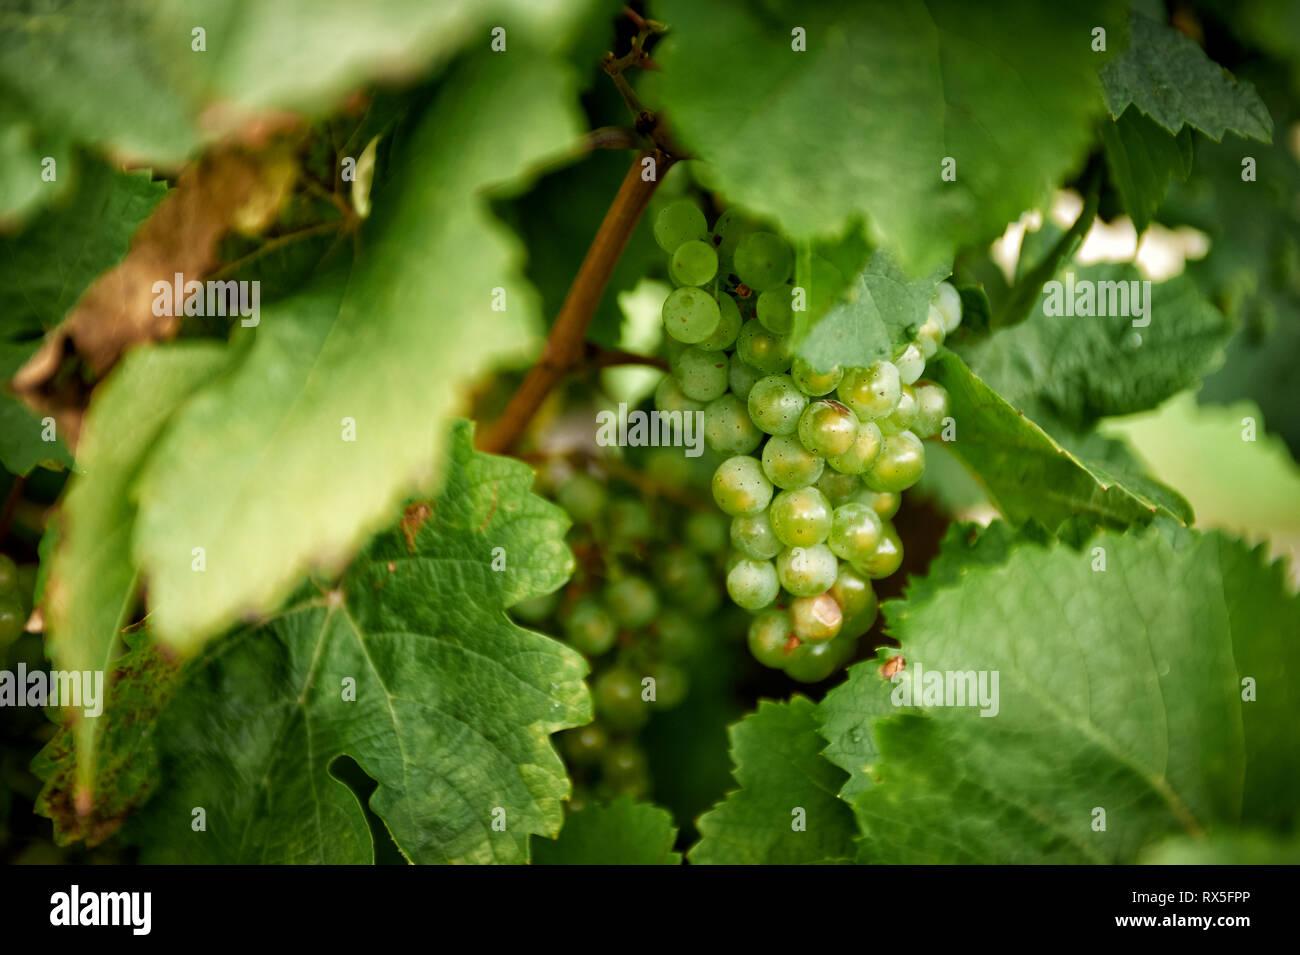 Eine Weissweinrebe haent zwischen vielen gruenen Weinblaettern. Stock Photo